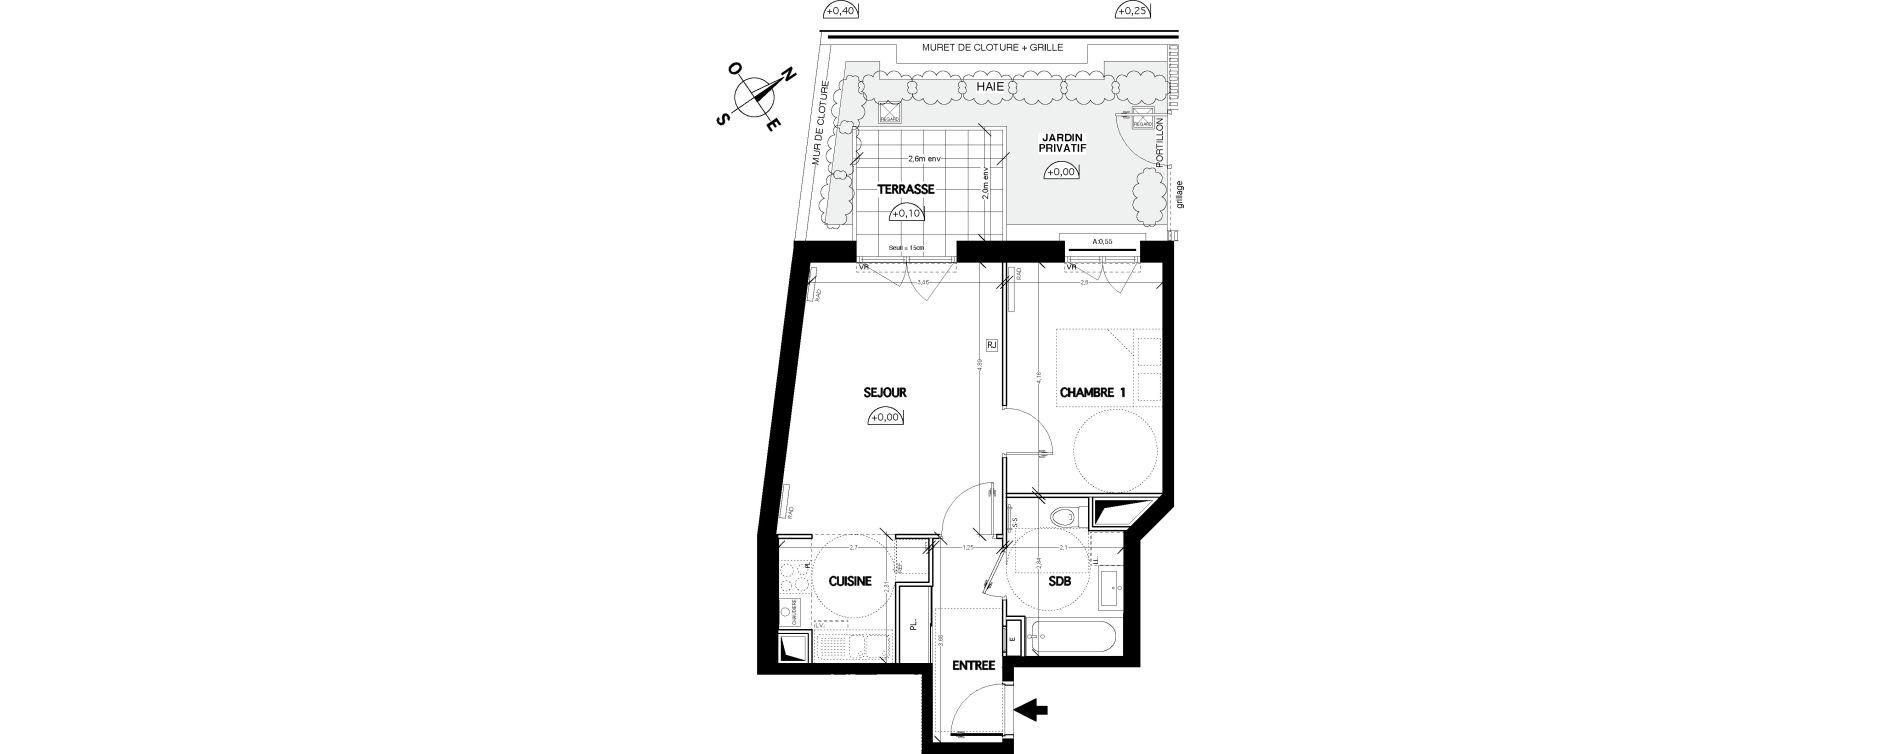 Appartement T2 de 45,50 m2 à Clamart Bois de clamart